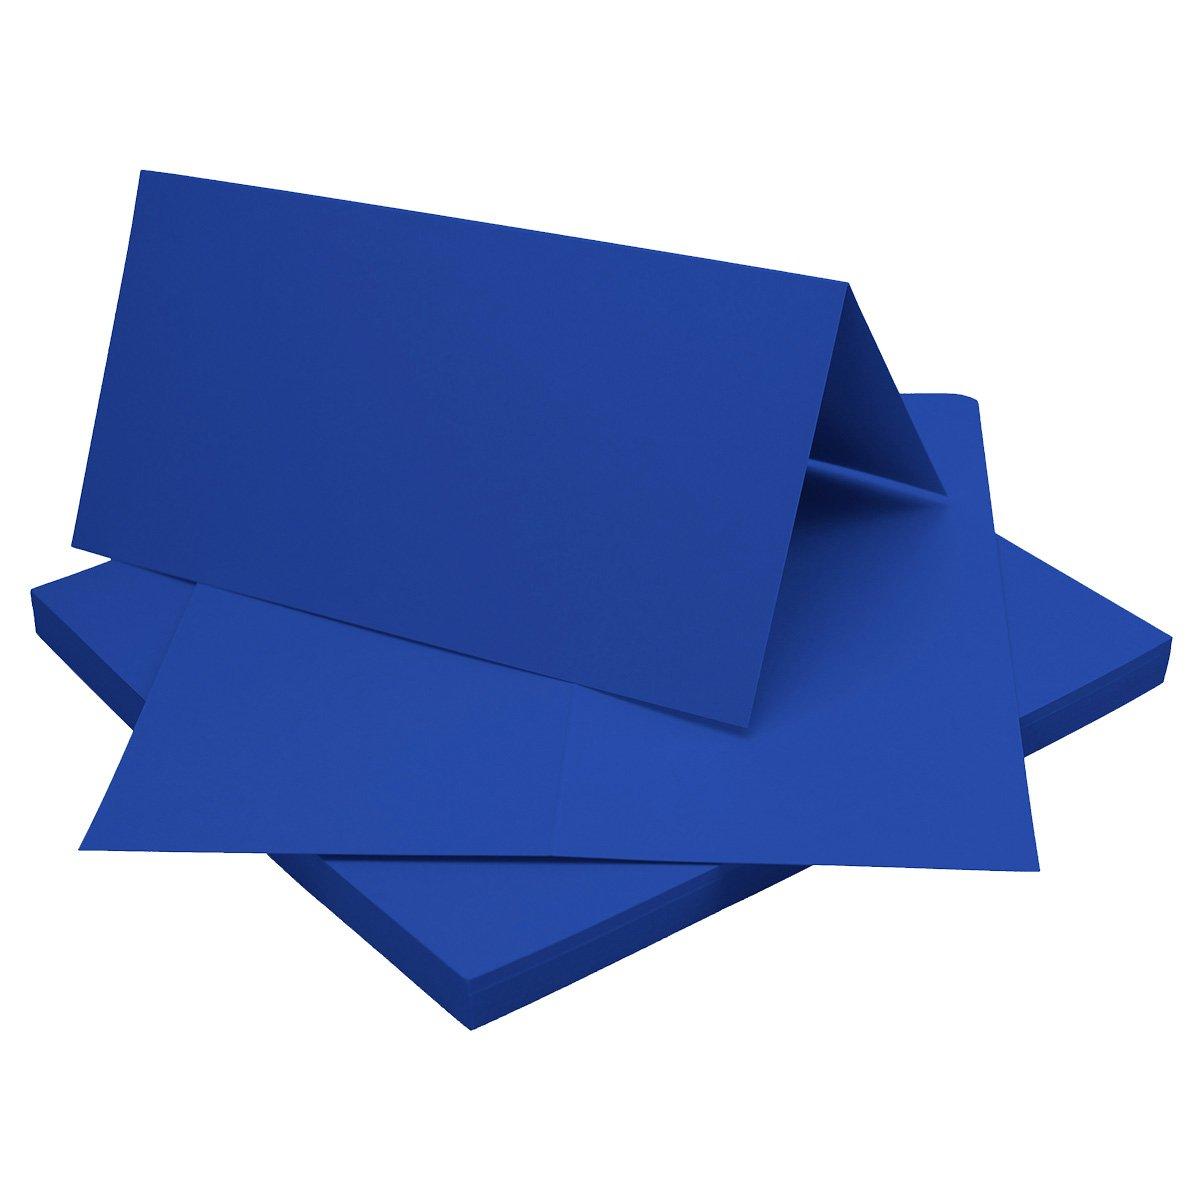 700 Faltkarten Din Lang - Hellgrau - Premium Qualität - 10,5 x 21 cm - Sehr formstabil - für Drucker Geeignet  - Qualitätsmarke  NEUSER FarbenFroh B012B4T2CO | Große Klassifizierung